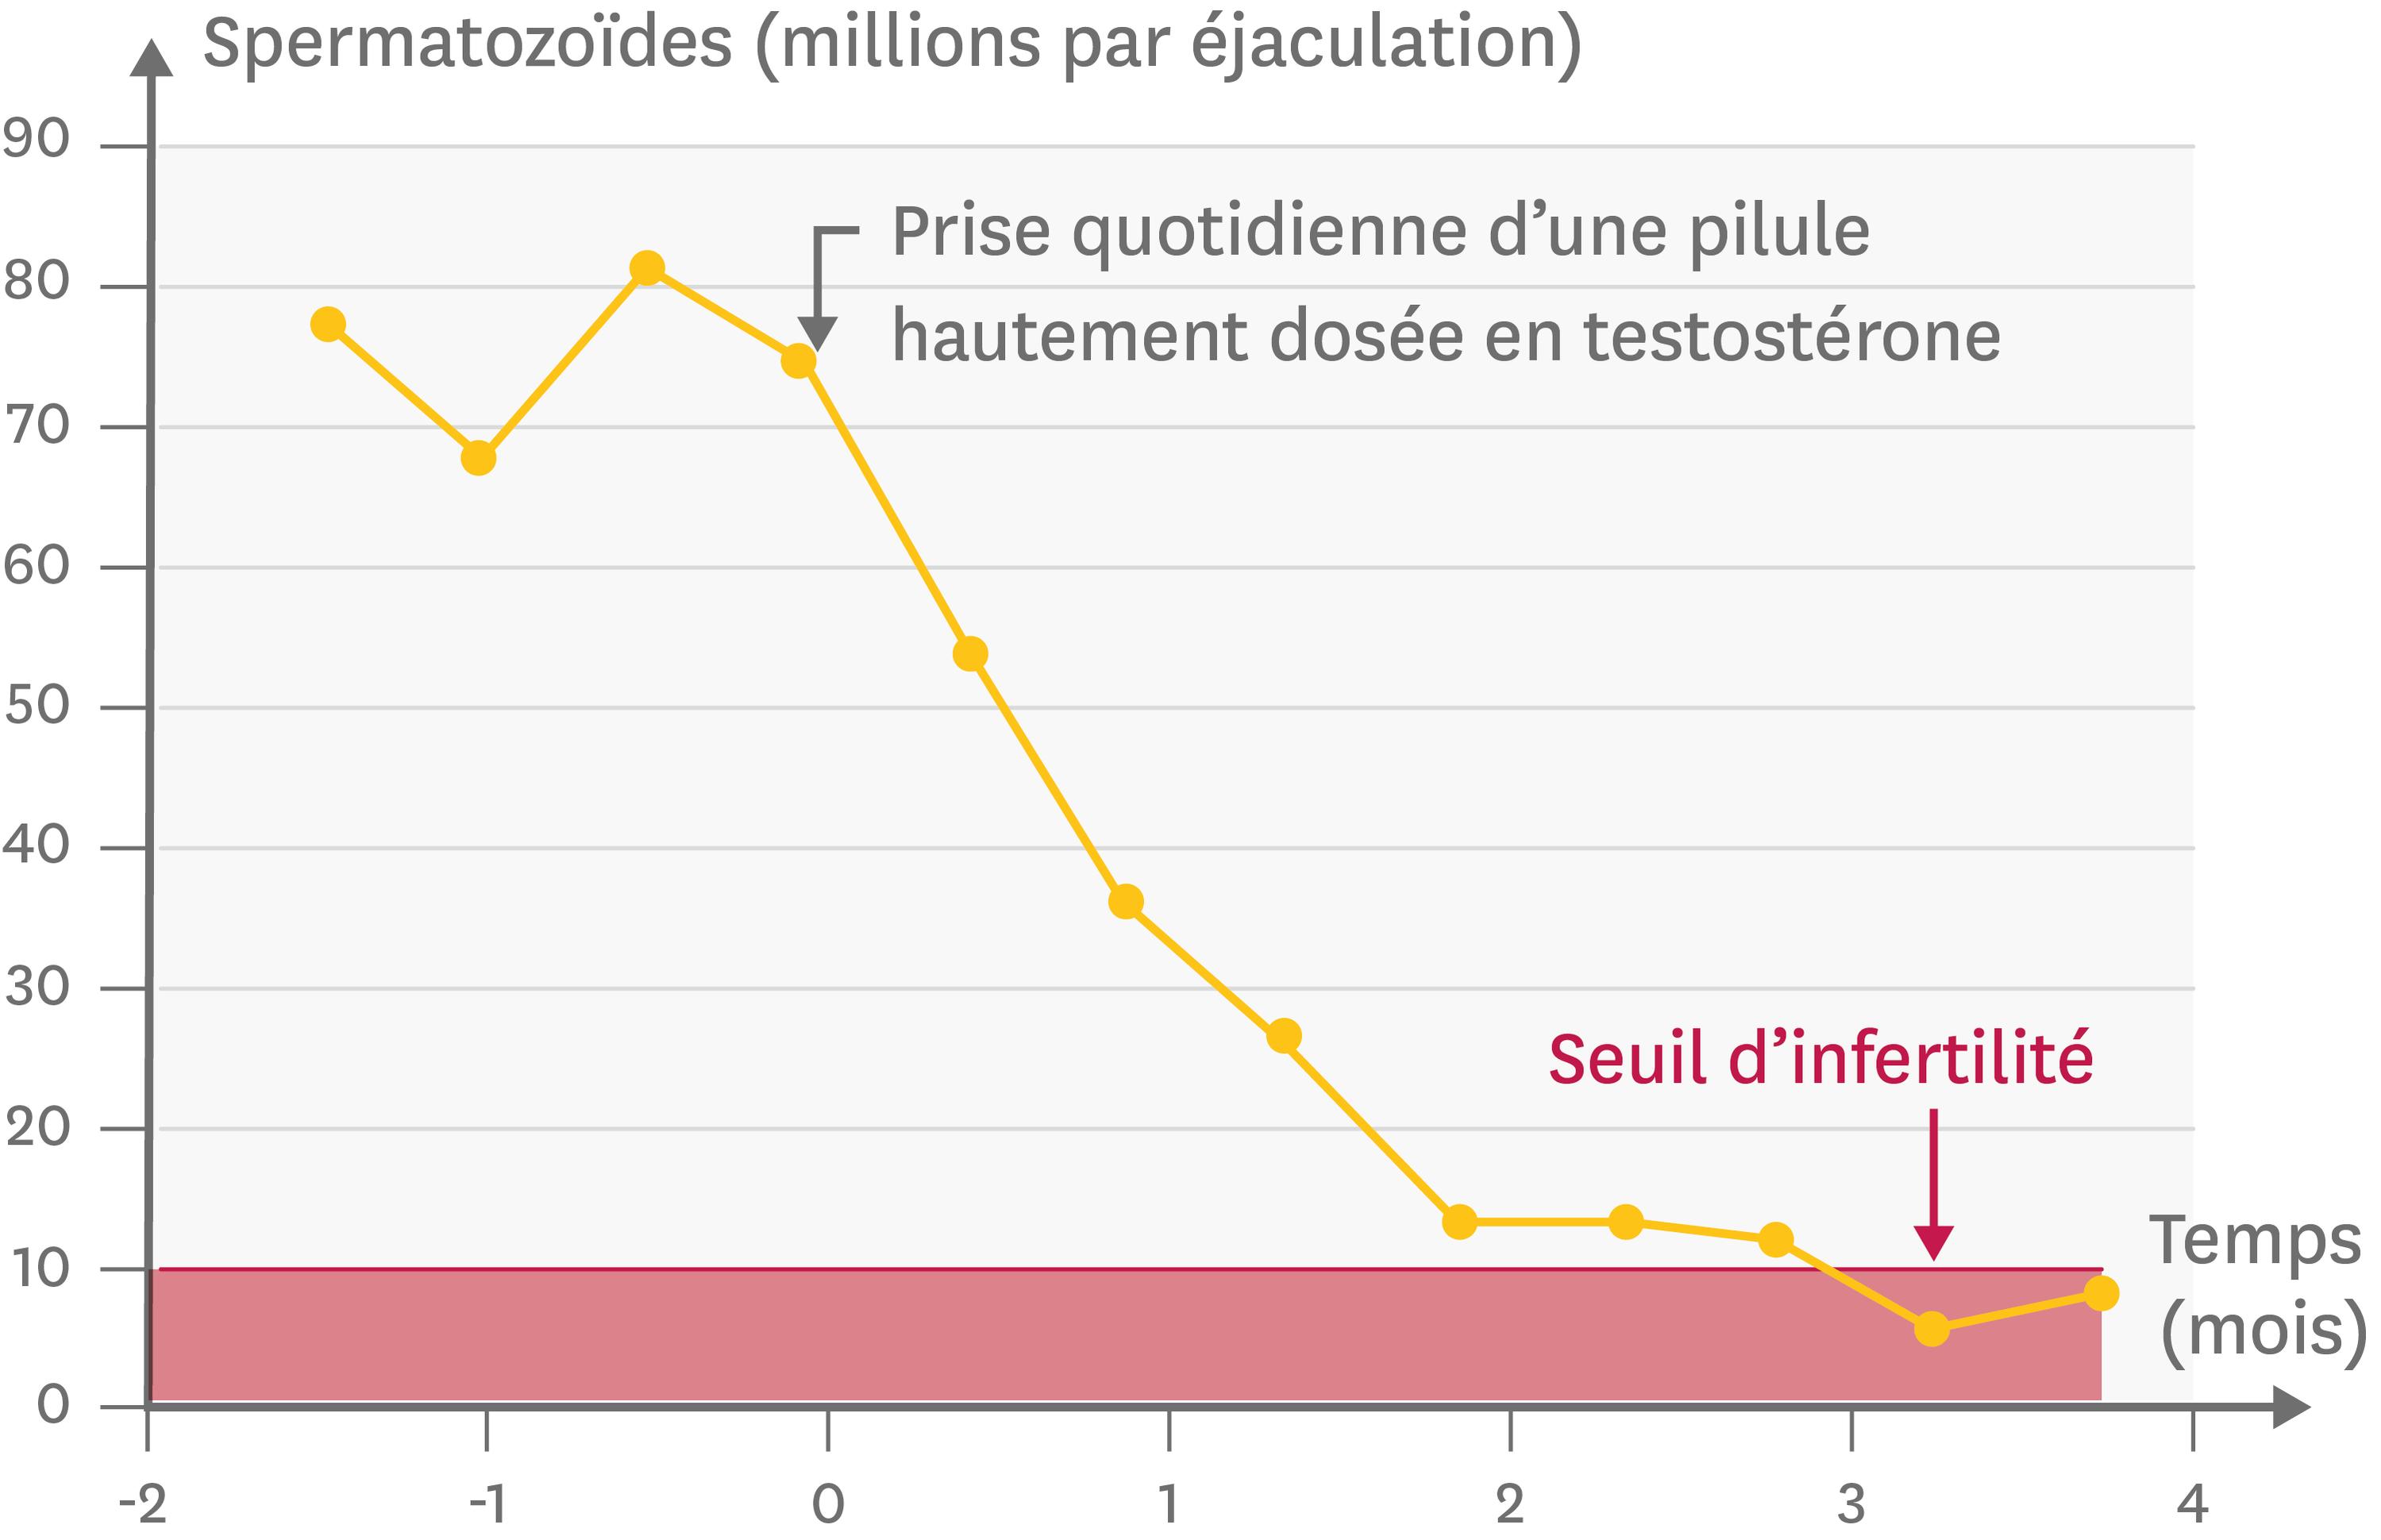 Un effet de la pilule contraceptive sur la production de spermatozoïdes.